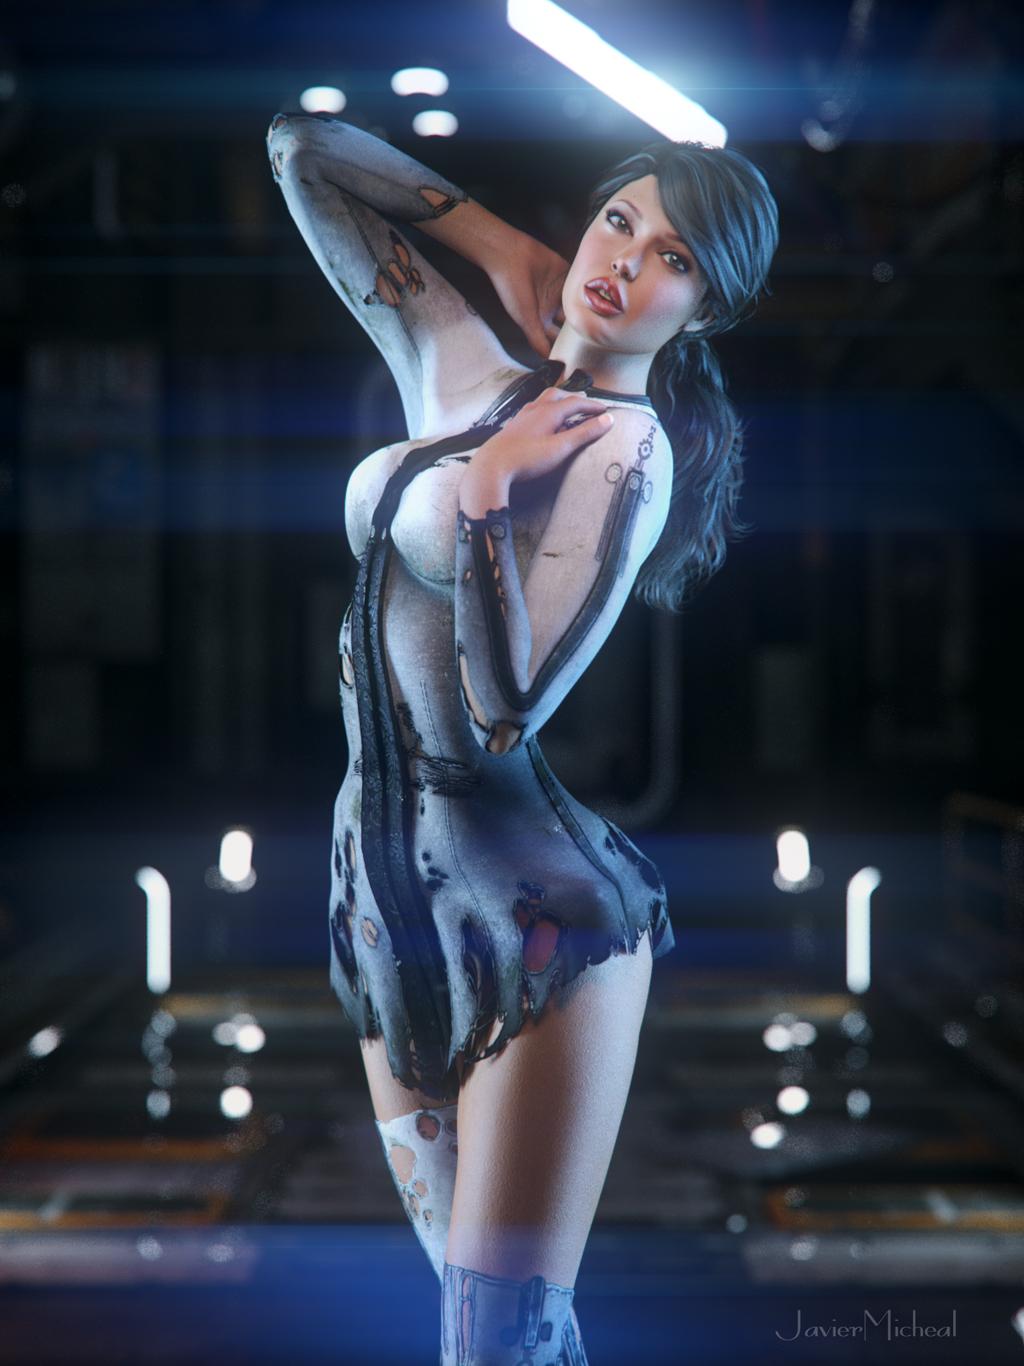 Sci fi babe nude, anna semenovich sexs